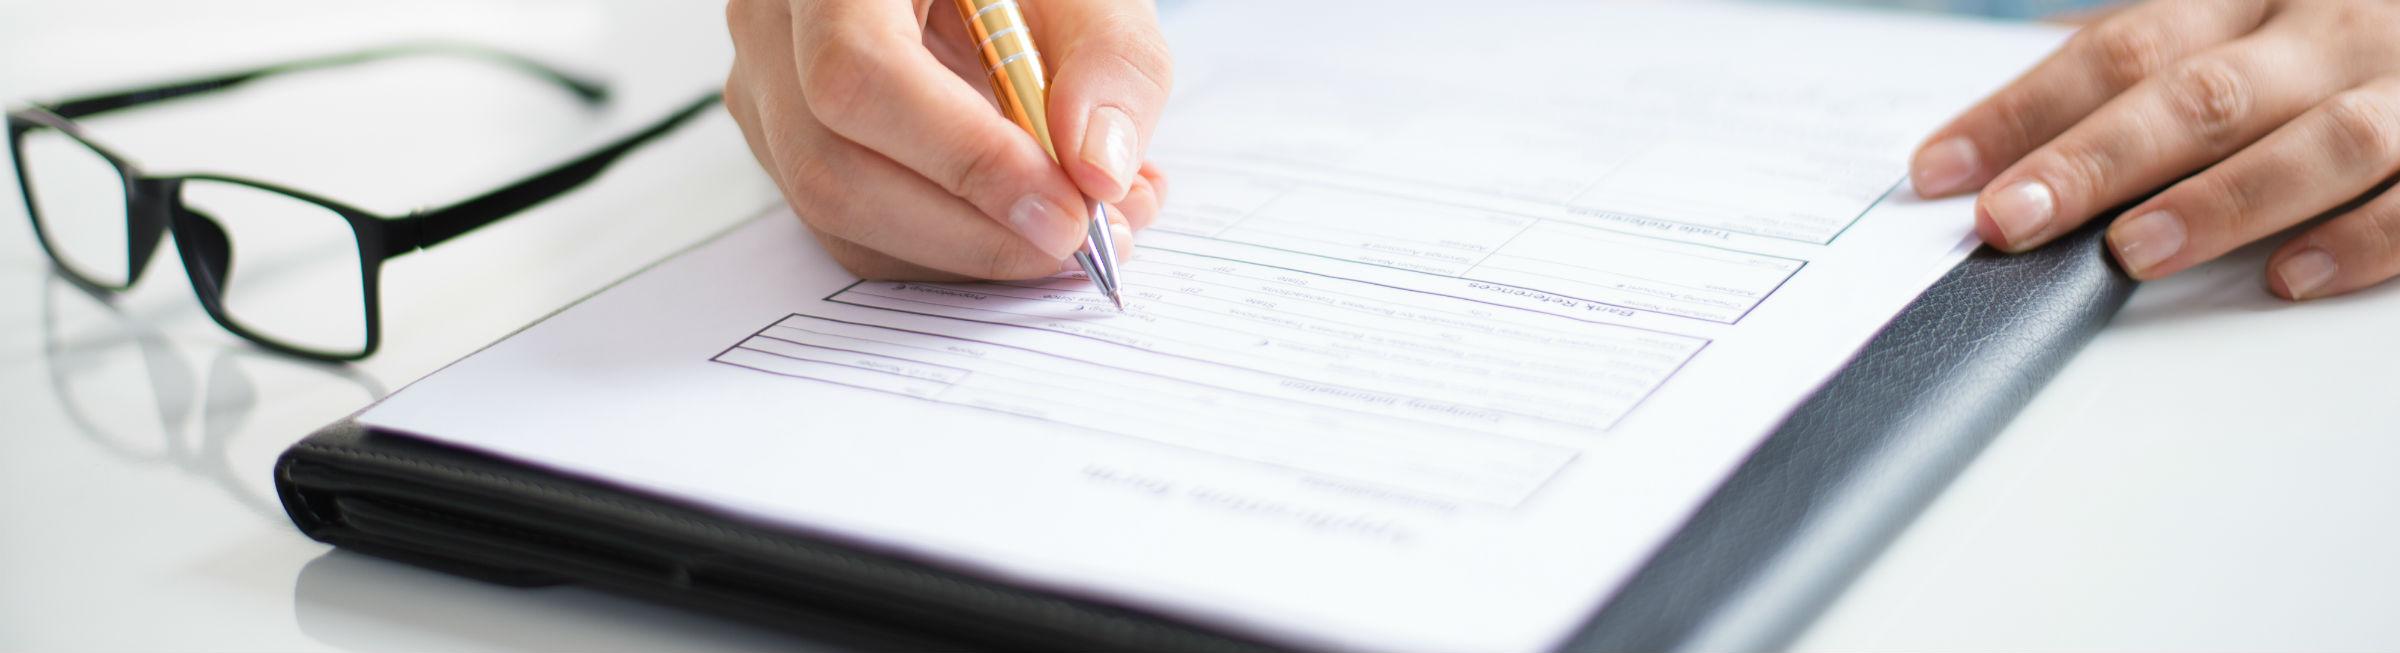 Une femme remplie un contrat